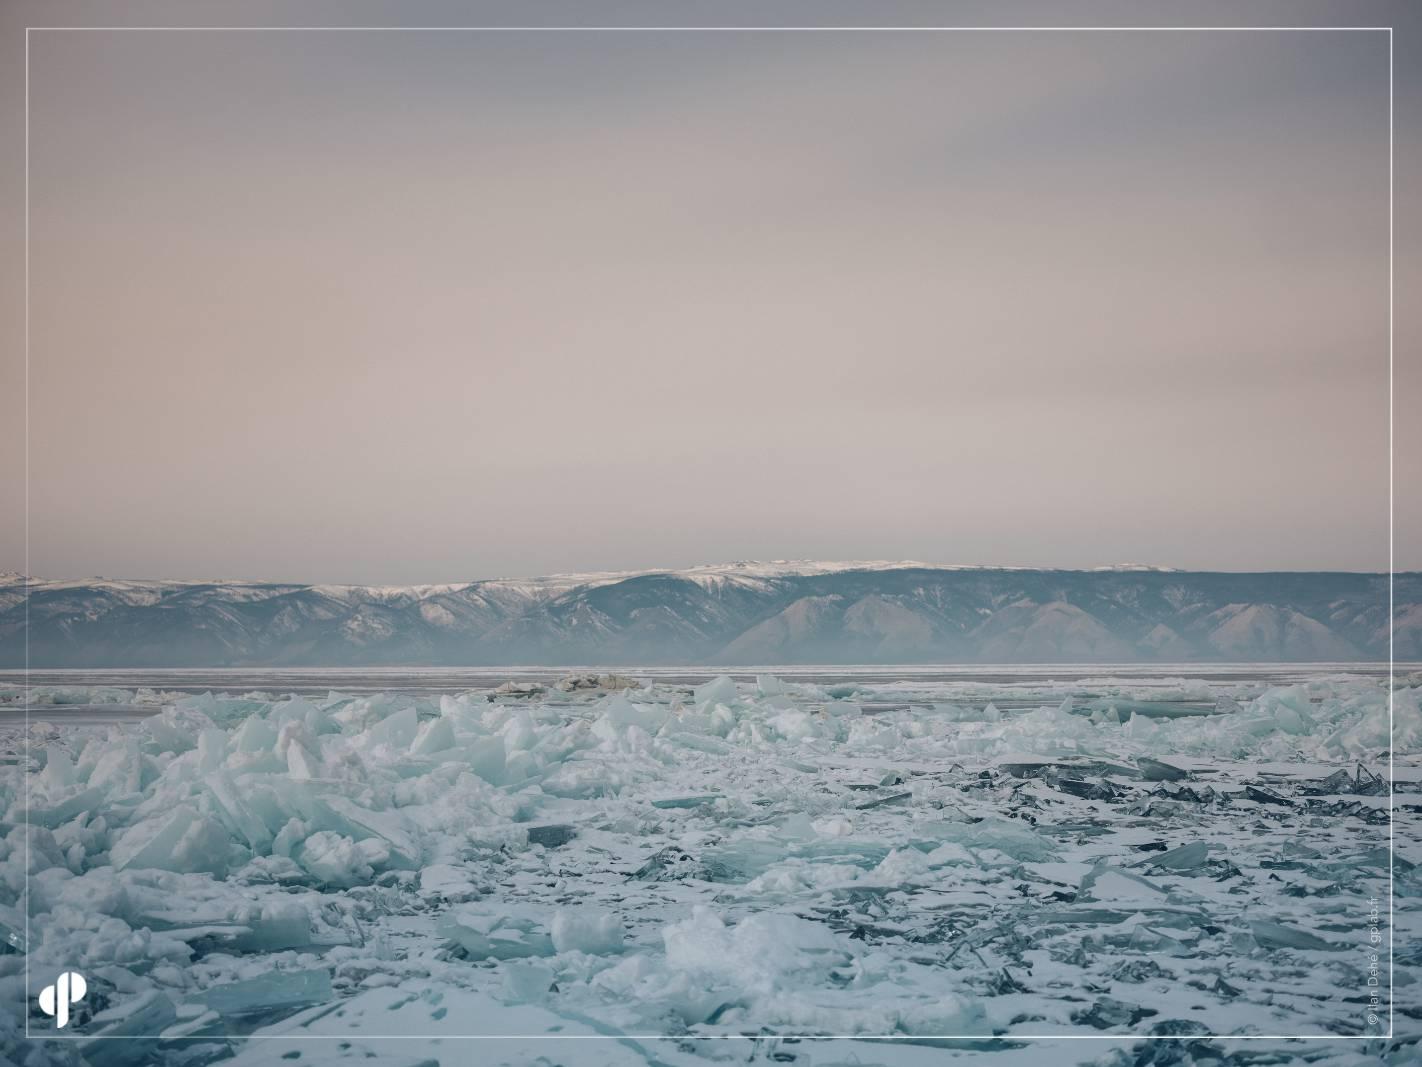 Les glaces du lac baïkal©️ Ilan Dehé